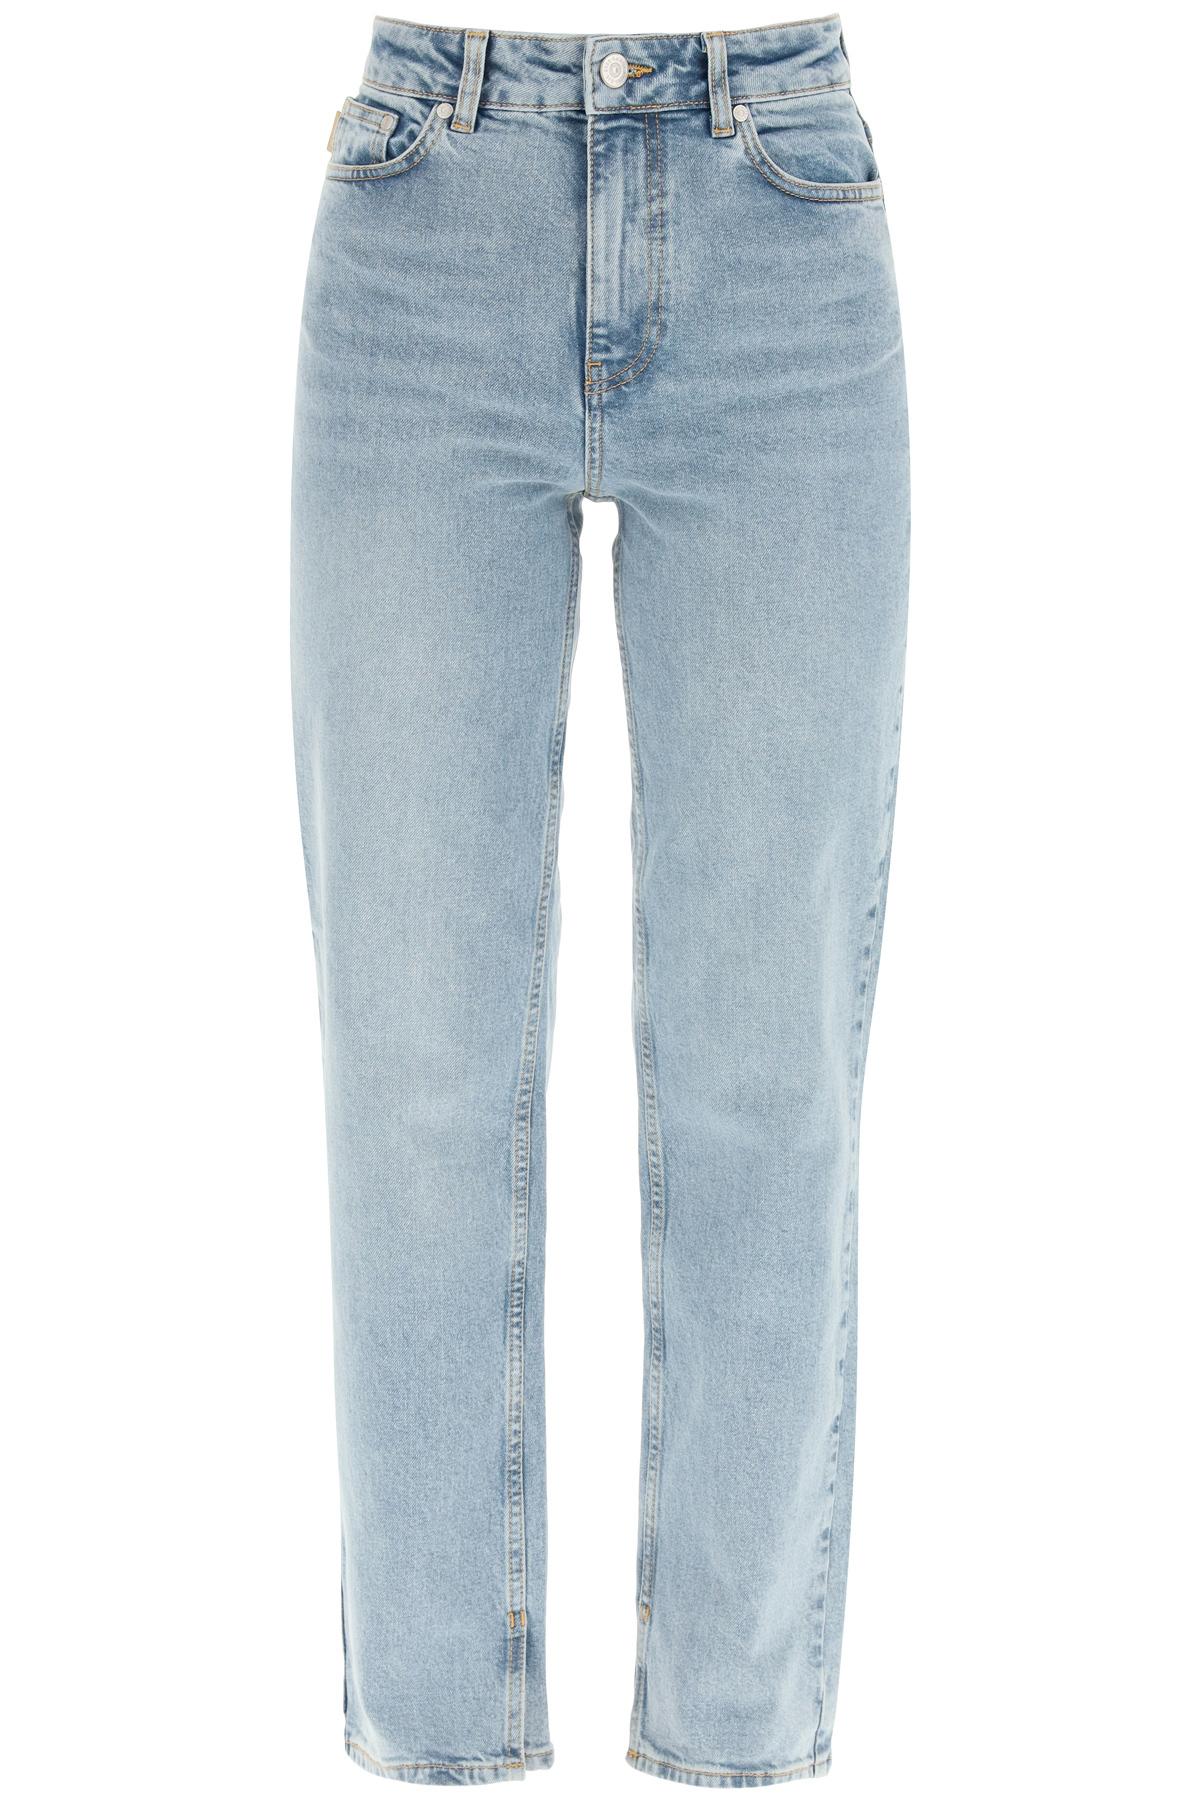 Ganni jeans stretch a vita alta